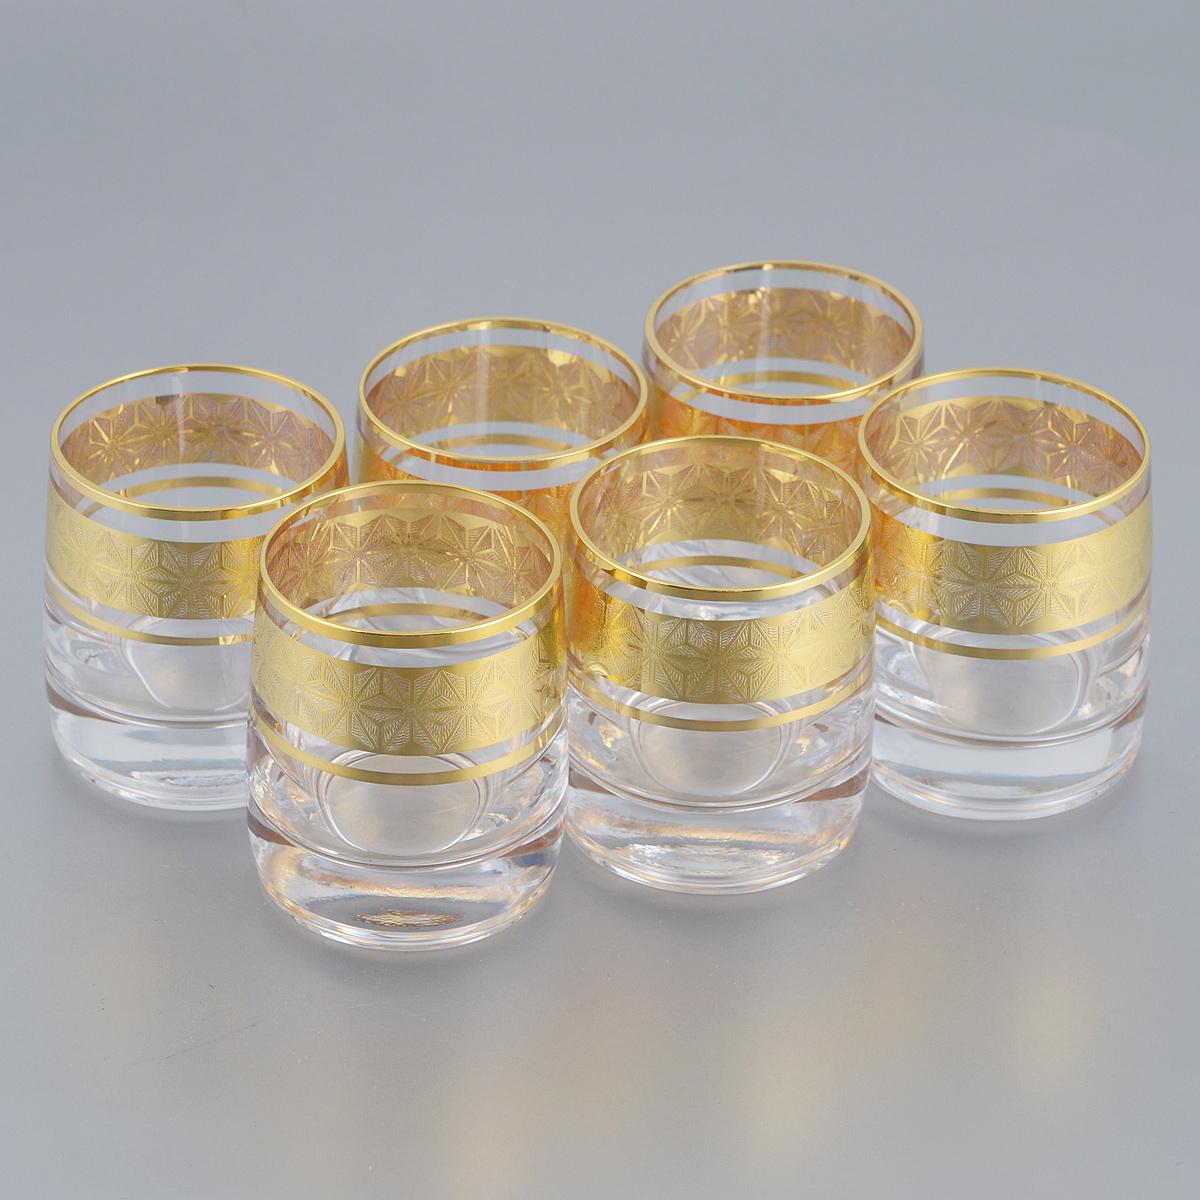 Набор стопок Bohemia Crystal Ideal, 60 мл, 6 шт726332Набор Bohemia Crystal Ideal состоит из шести стопок. Изделия выполнены из высококачественного стекла. Стопки имеют прозрачную поверхность и декорированы позолоченной окантовкой с орнаментом. Изделия излучают приятный блеск и издают мелодичный звон. Набор стопок Bohemia Crystal Ideal прекрасно оформит интерьер кабинета или гостиной и станет отличным дополнением бара. Такой набор также станет хорошим подарком к любому случаю. Объем стопки: 60 мл. Диаметр стопки (по верхнему краю): 4,5 см. Высота стопки: 5,5 см.